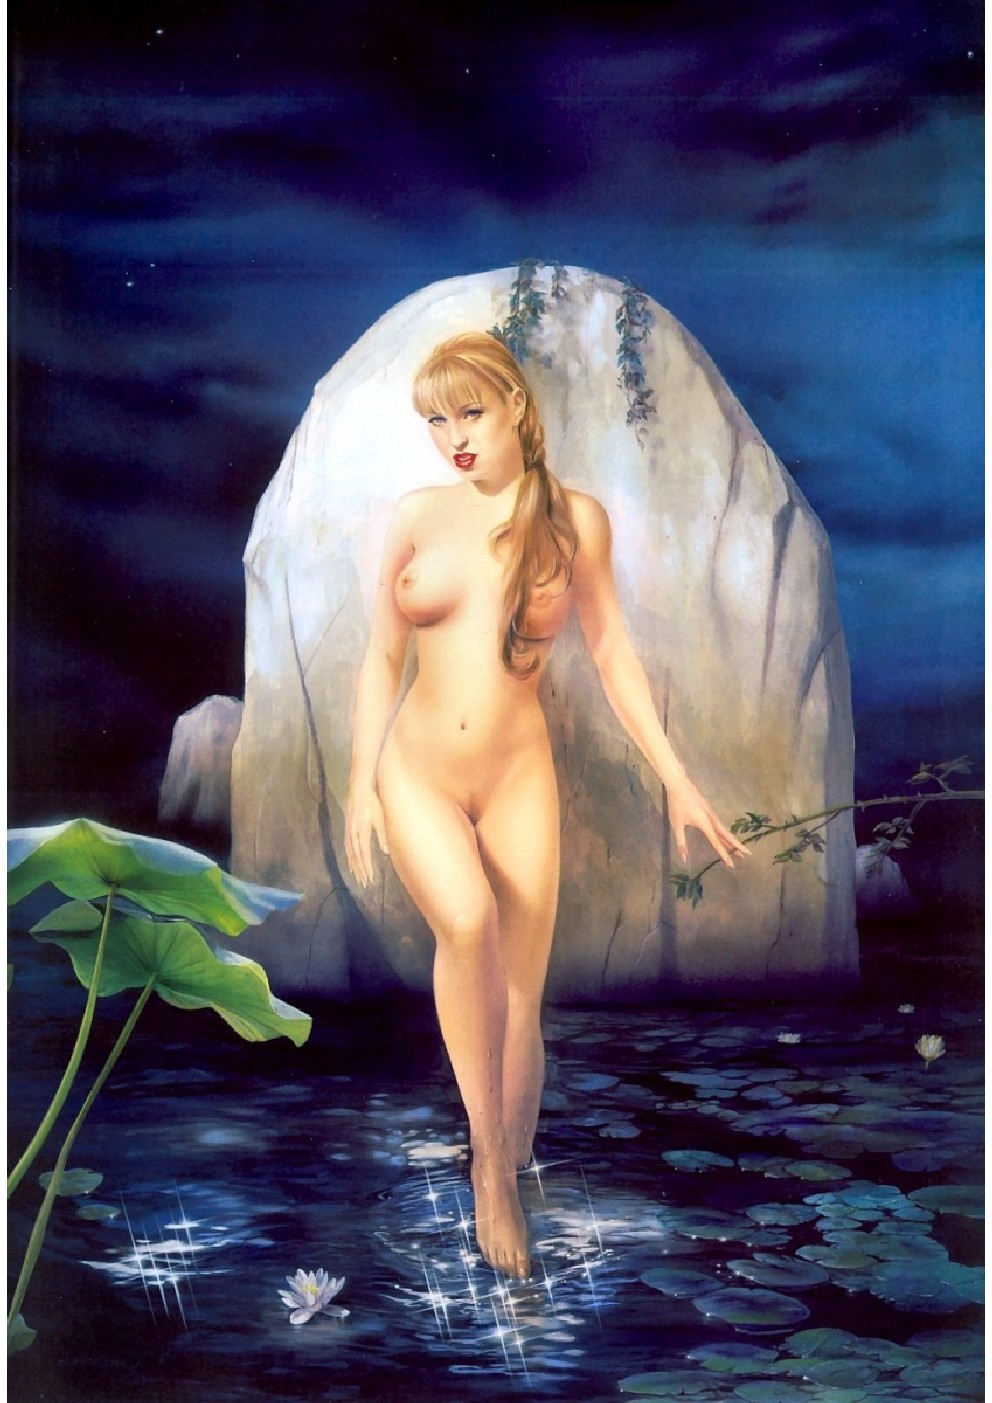 Фэнтези голые женщины 3 фотография